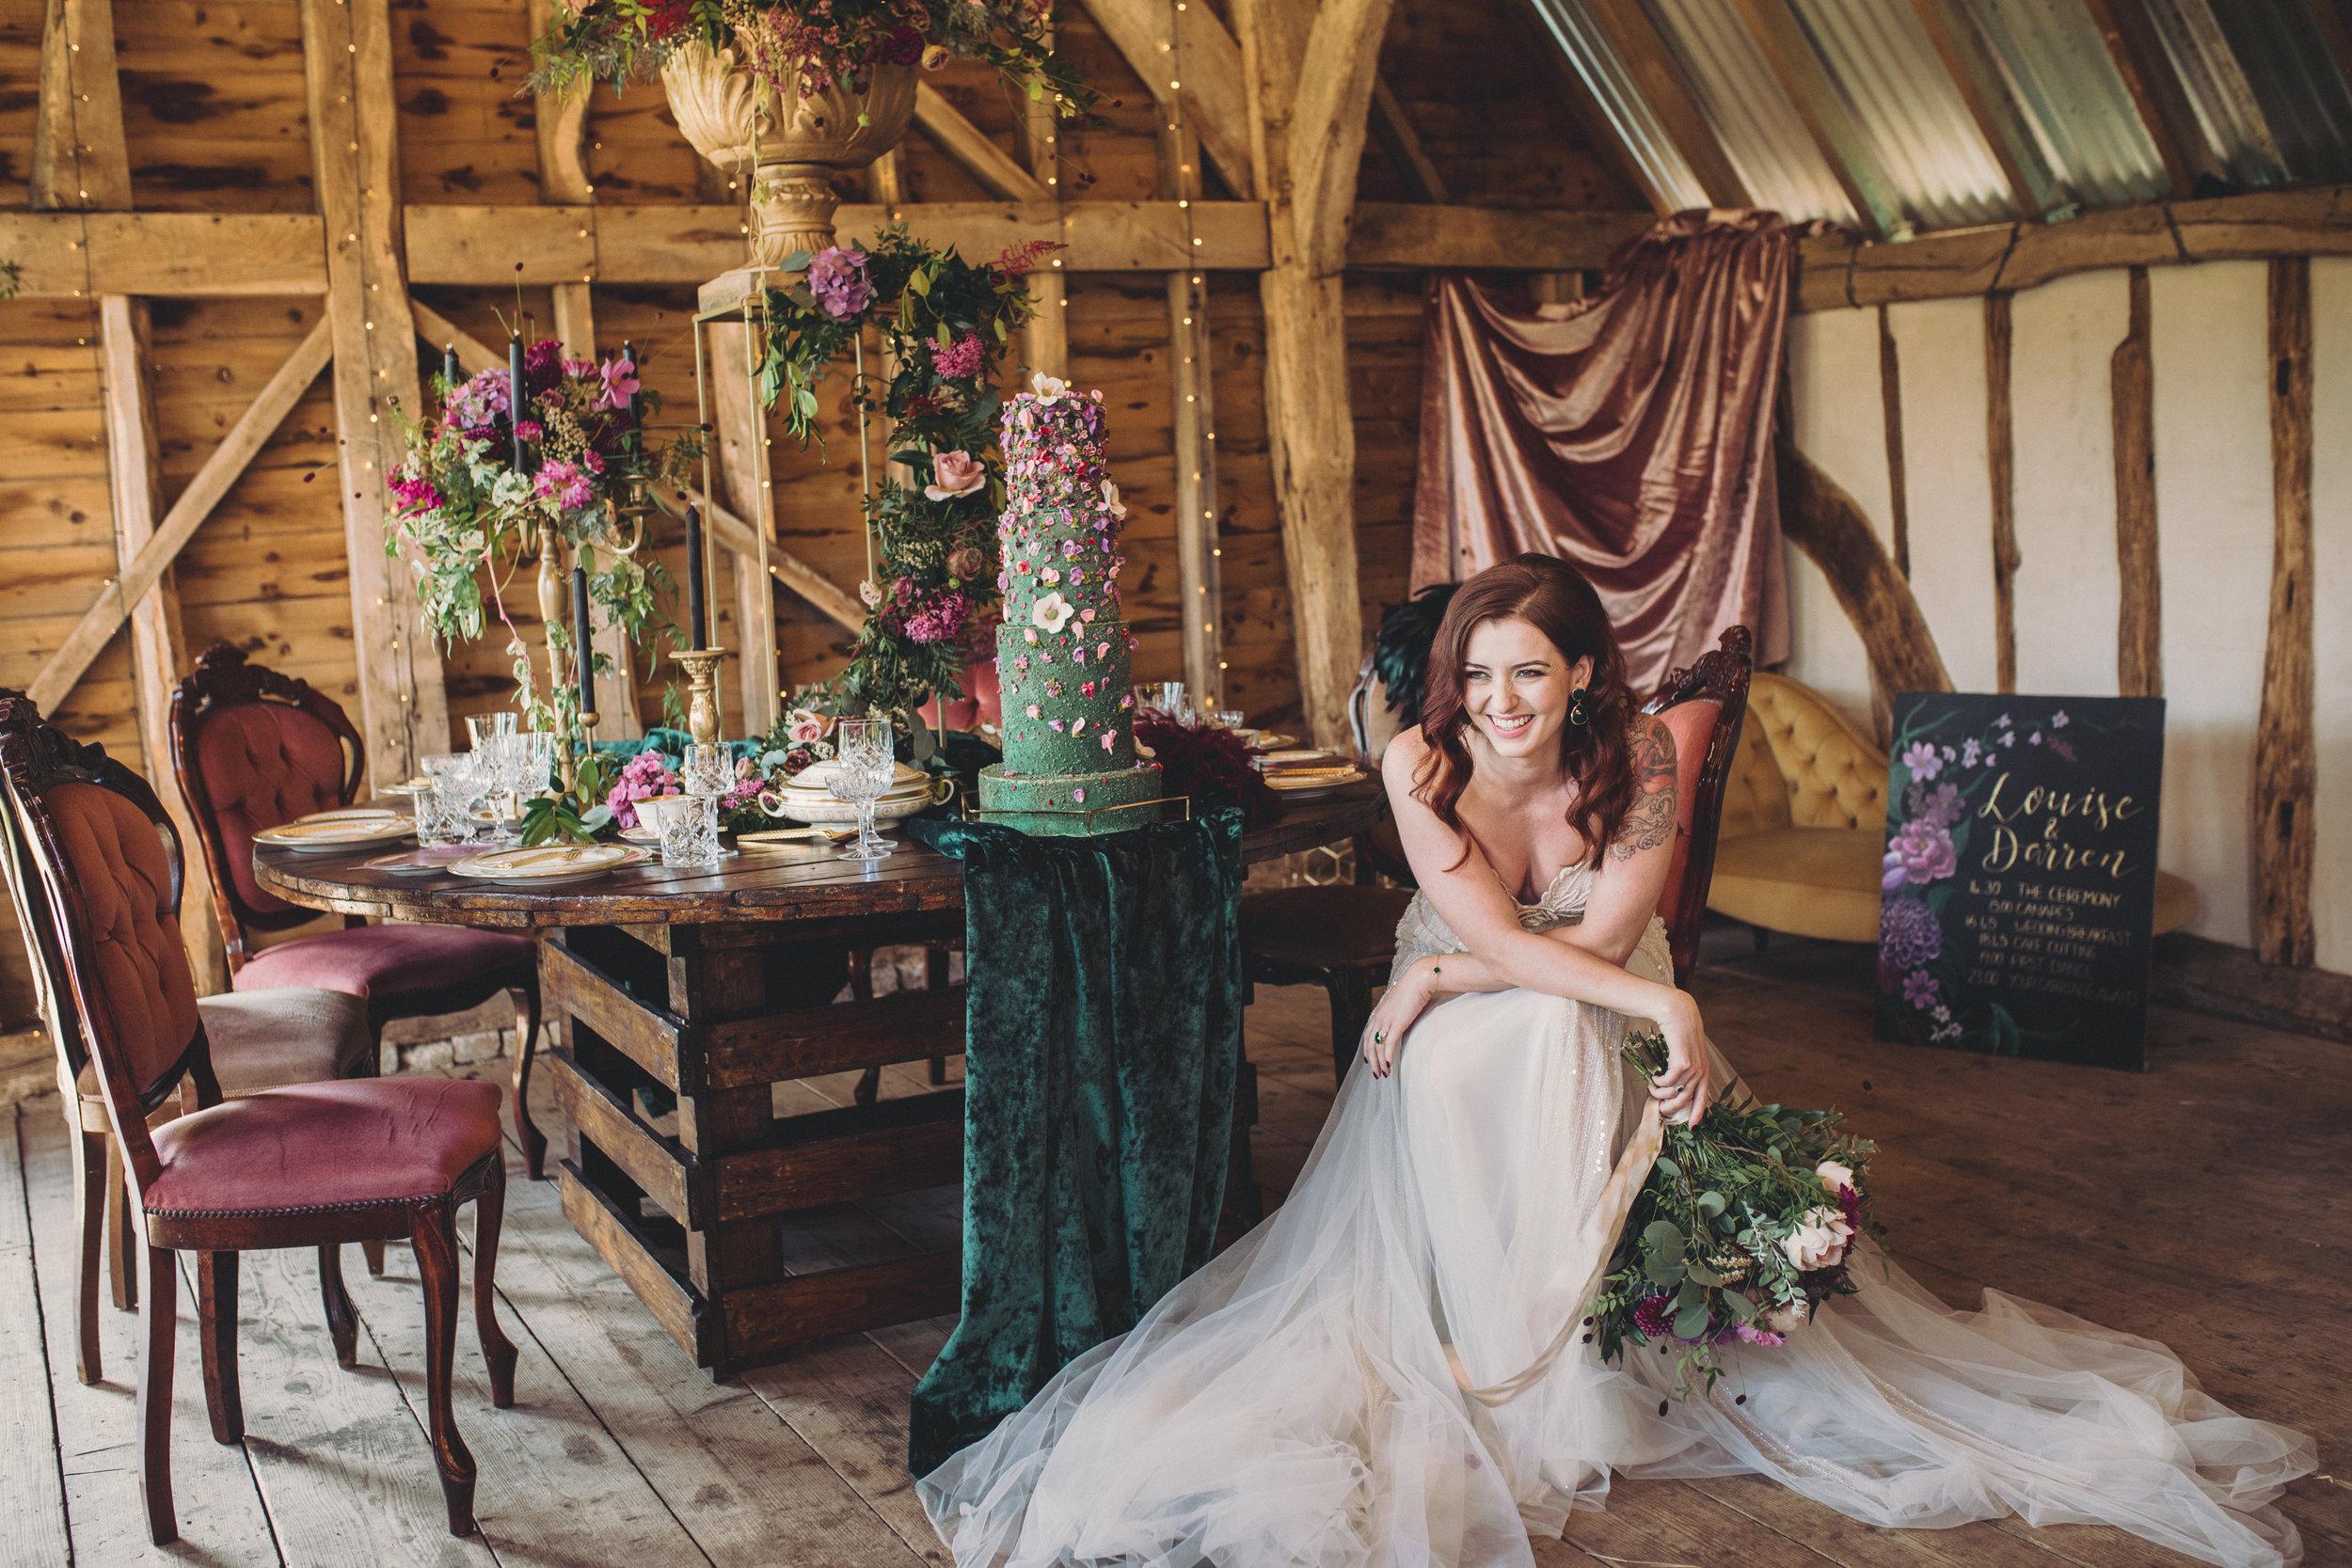 Opulent Barn024.jpg